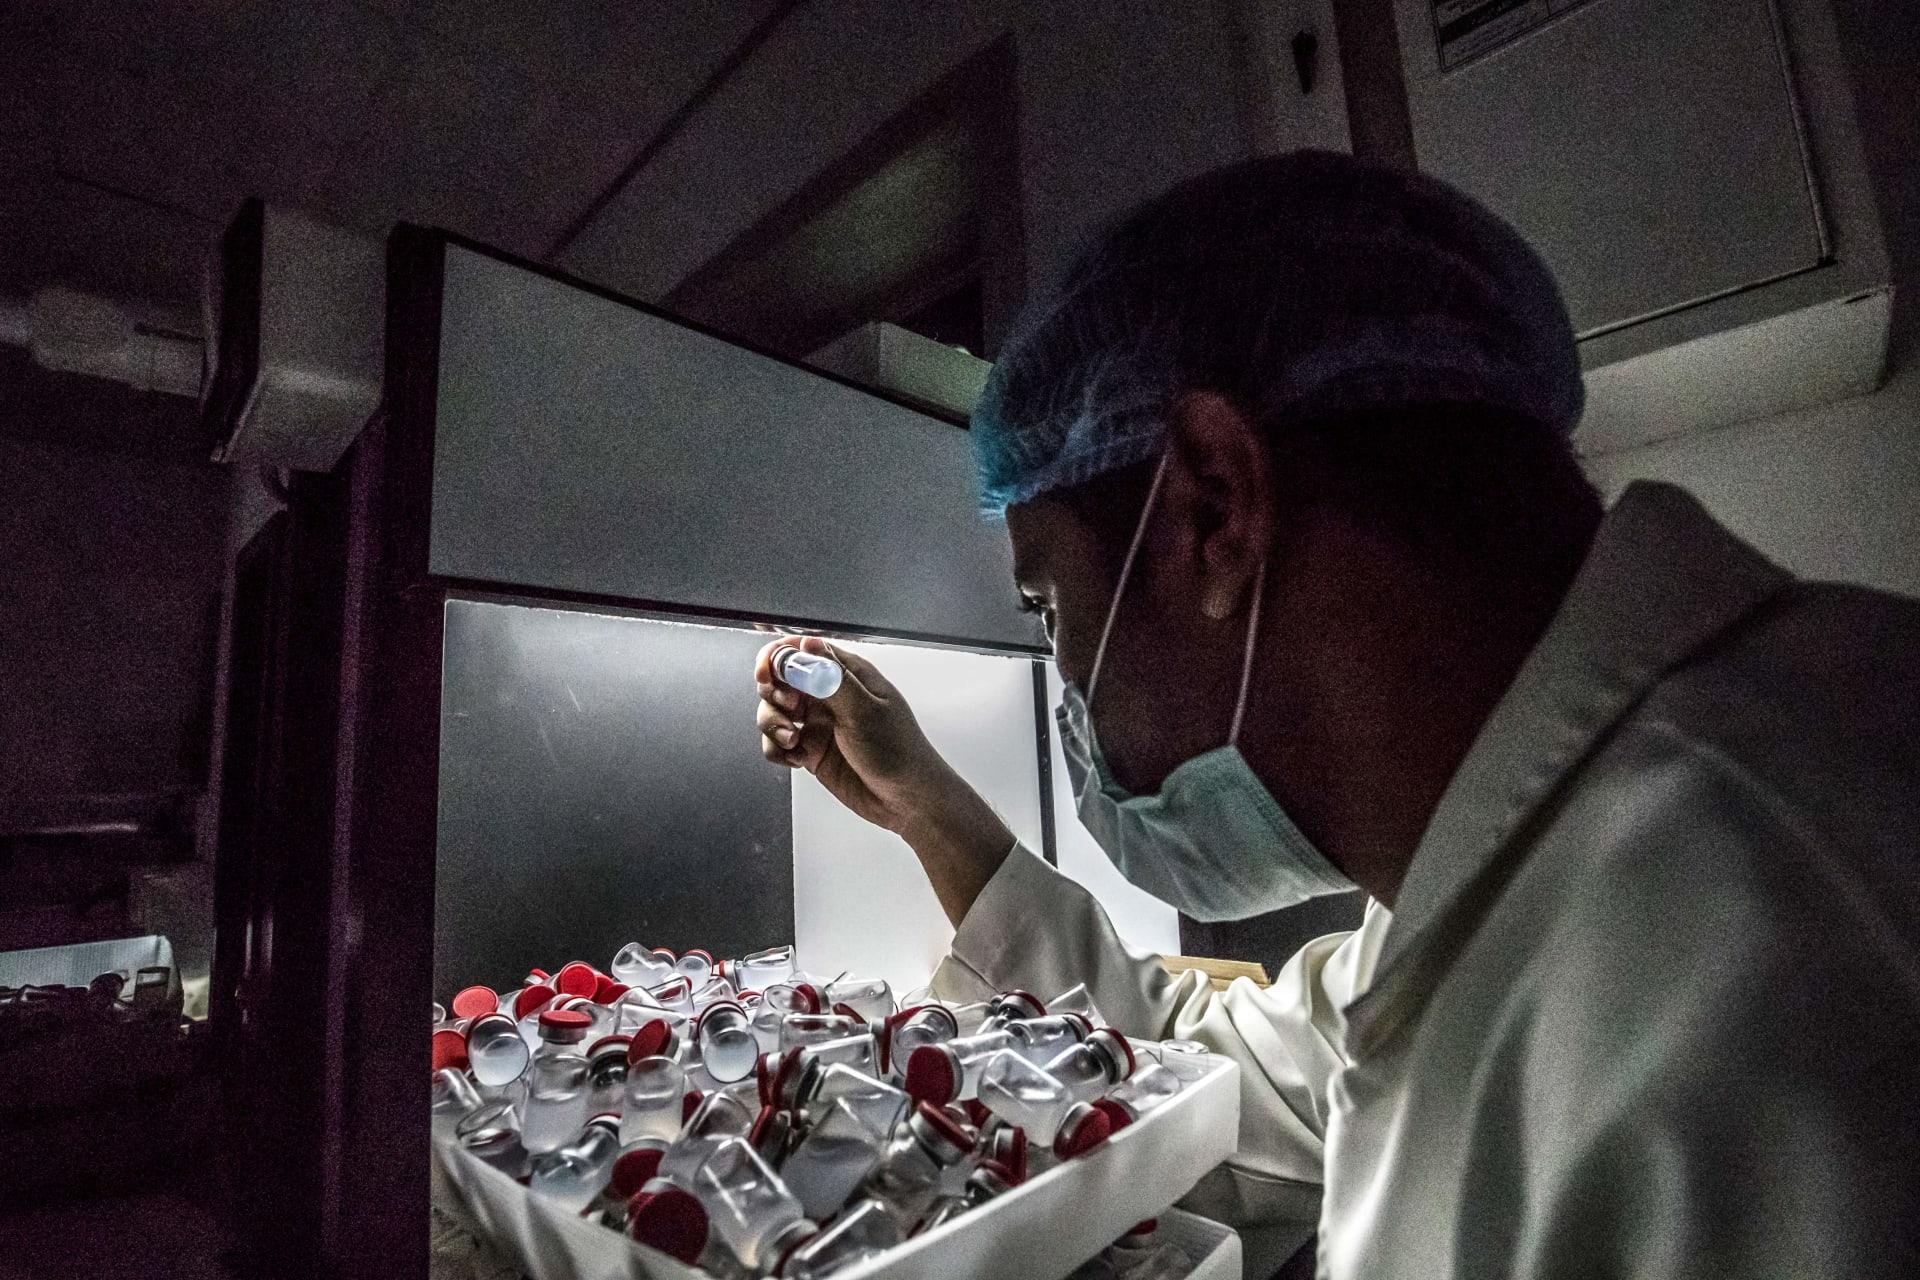 صورة أرشيفية - فني معمل يحمل قنينة لقاح سينوفاك الصيني، الذي تنتجه شركة VACSERA المصرية، في 1 سبتمبر 2021.